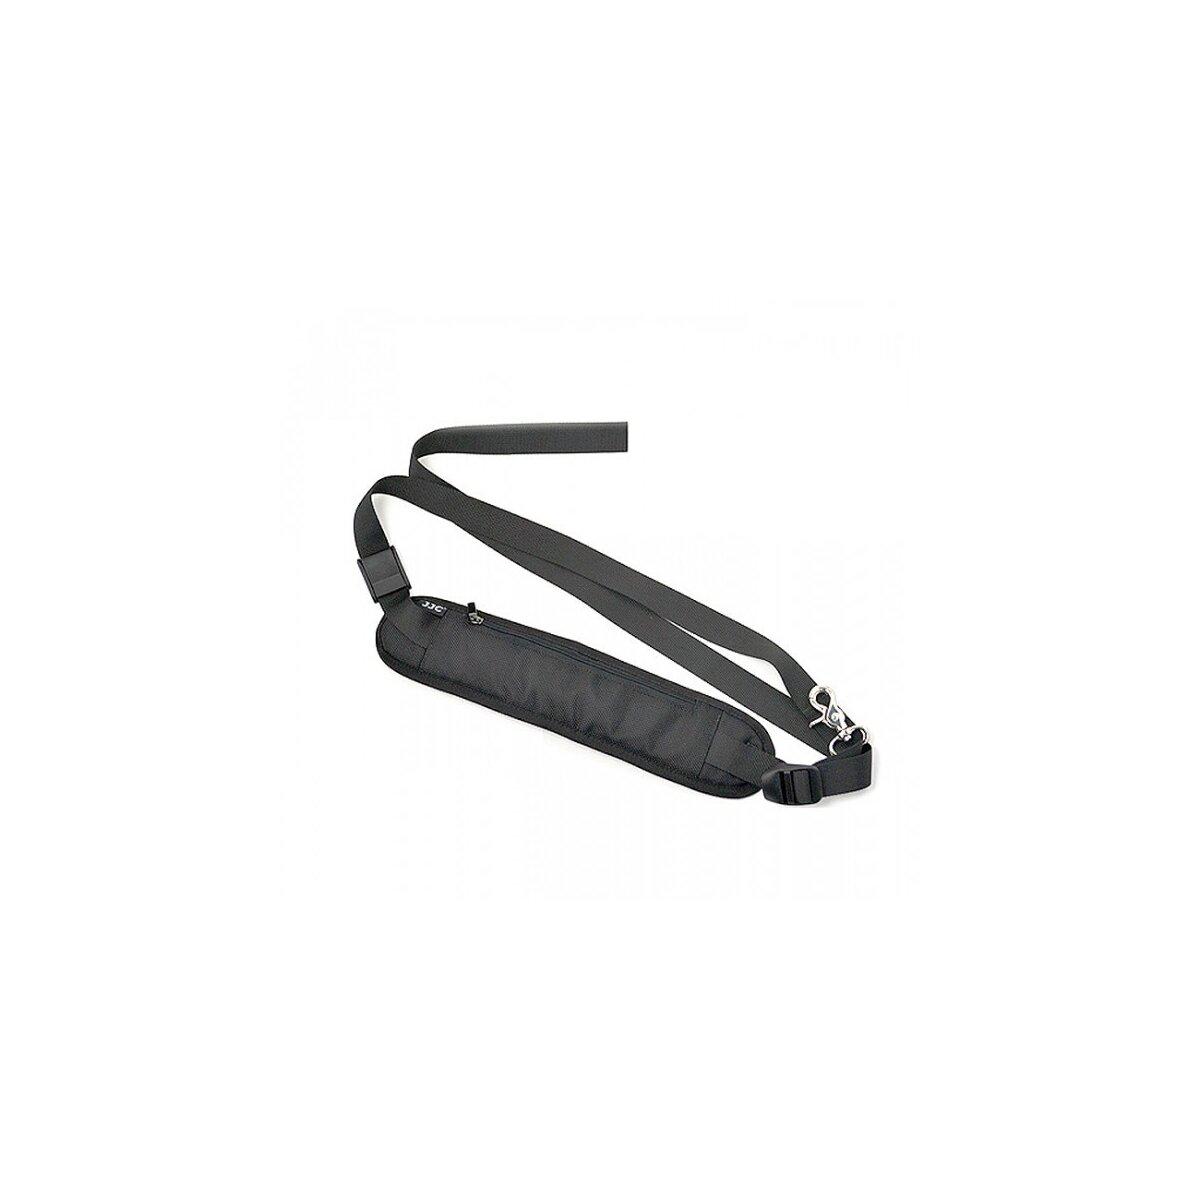 Quick-Strap Sling Kameragurt Schultergurt mit Aluminium Montageplatte fuer DSLR-Kameras universell passend